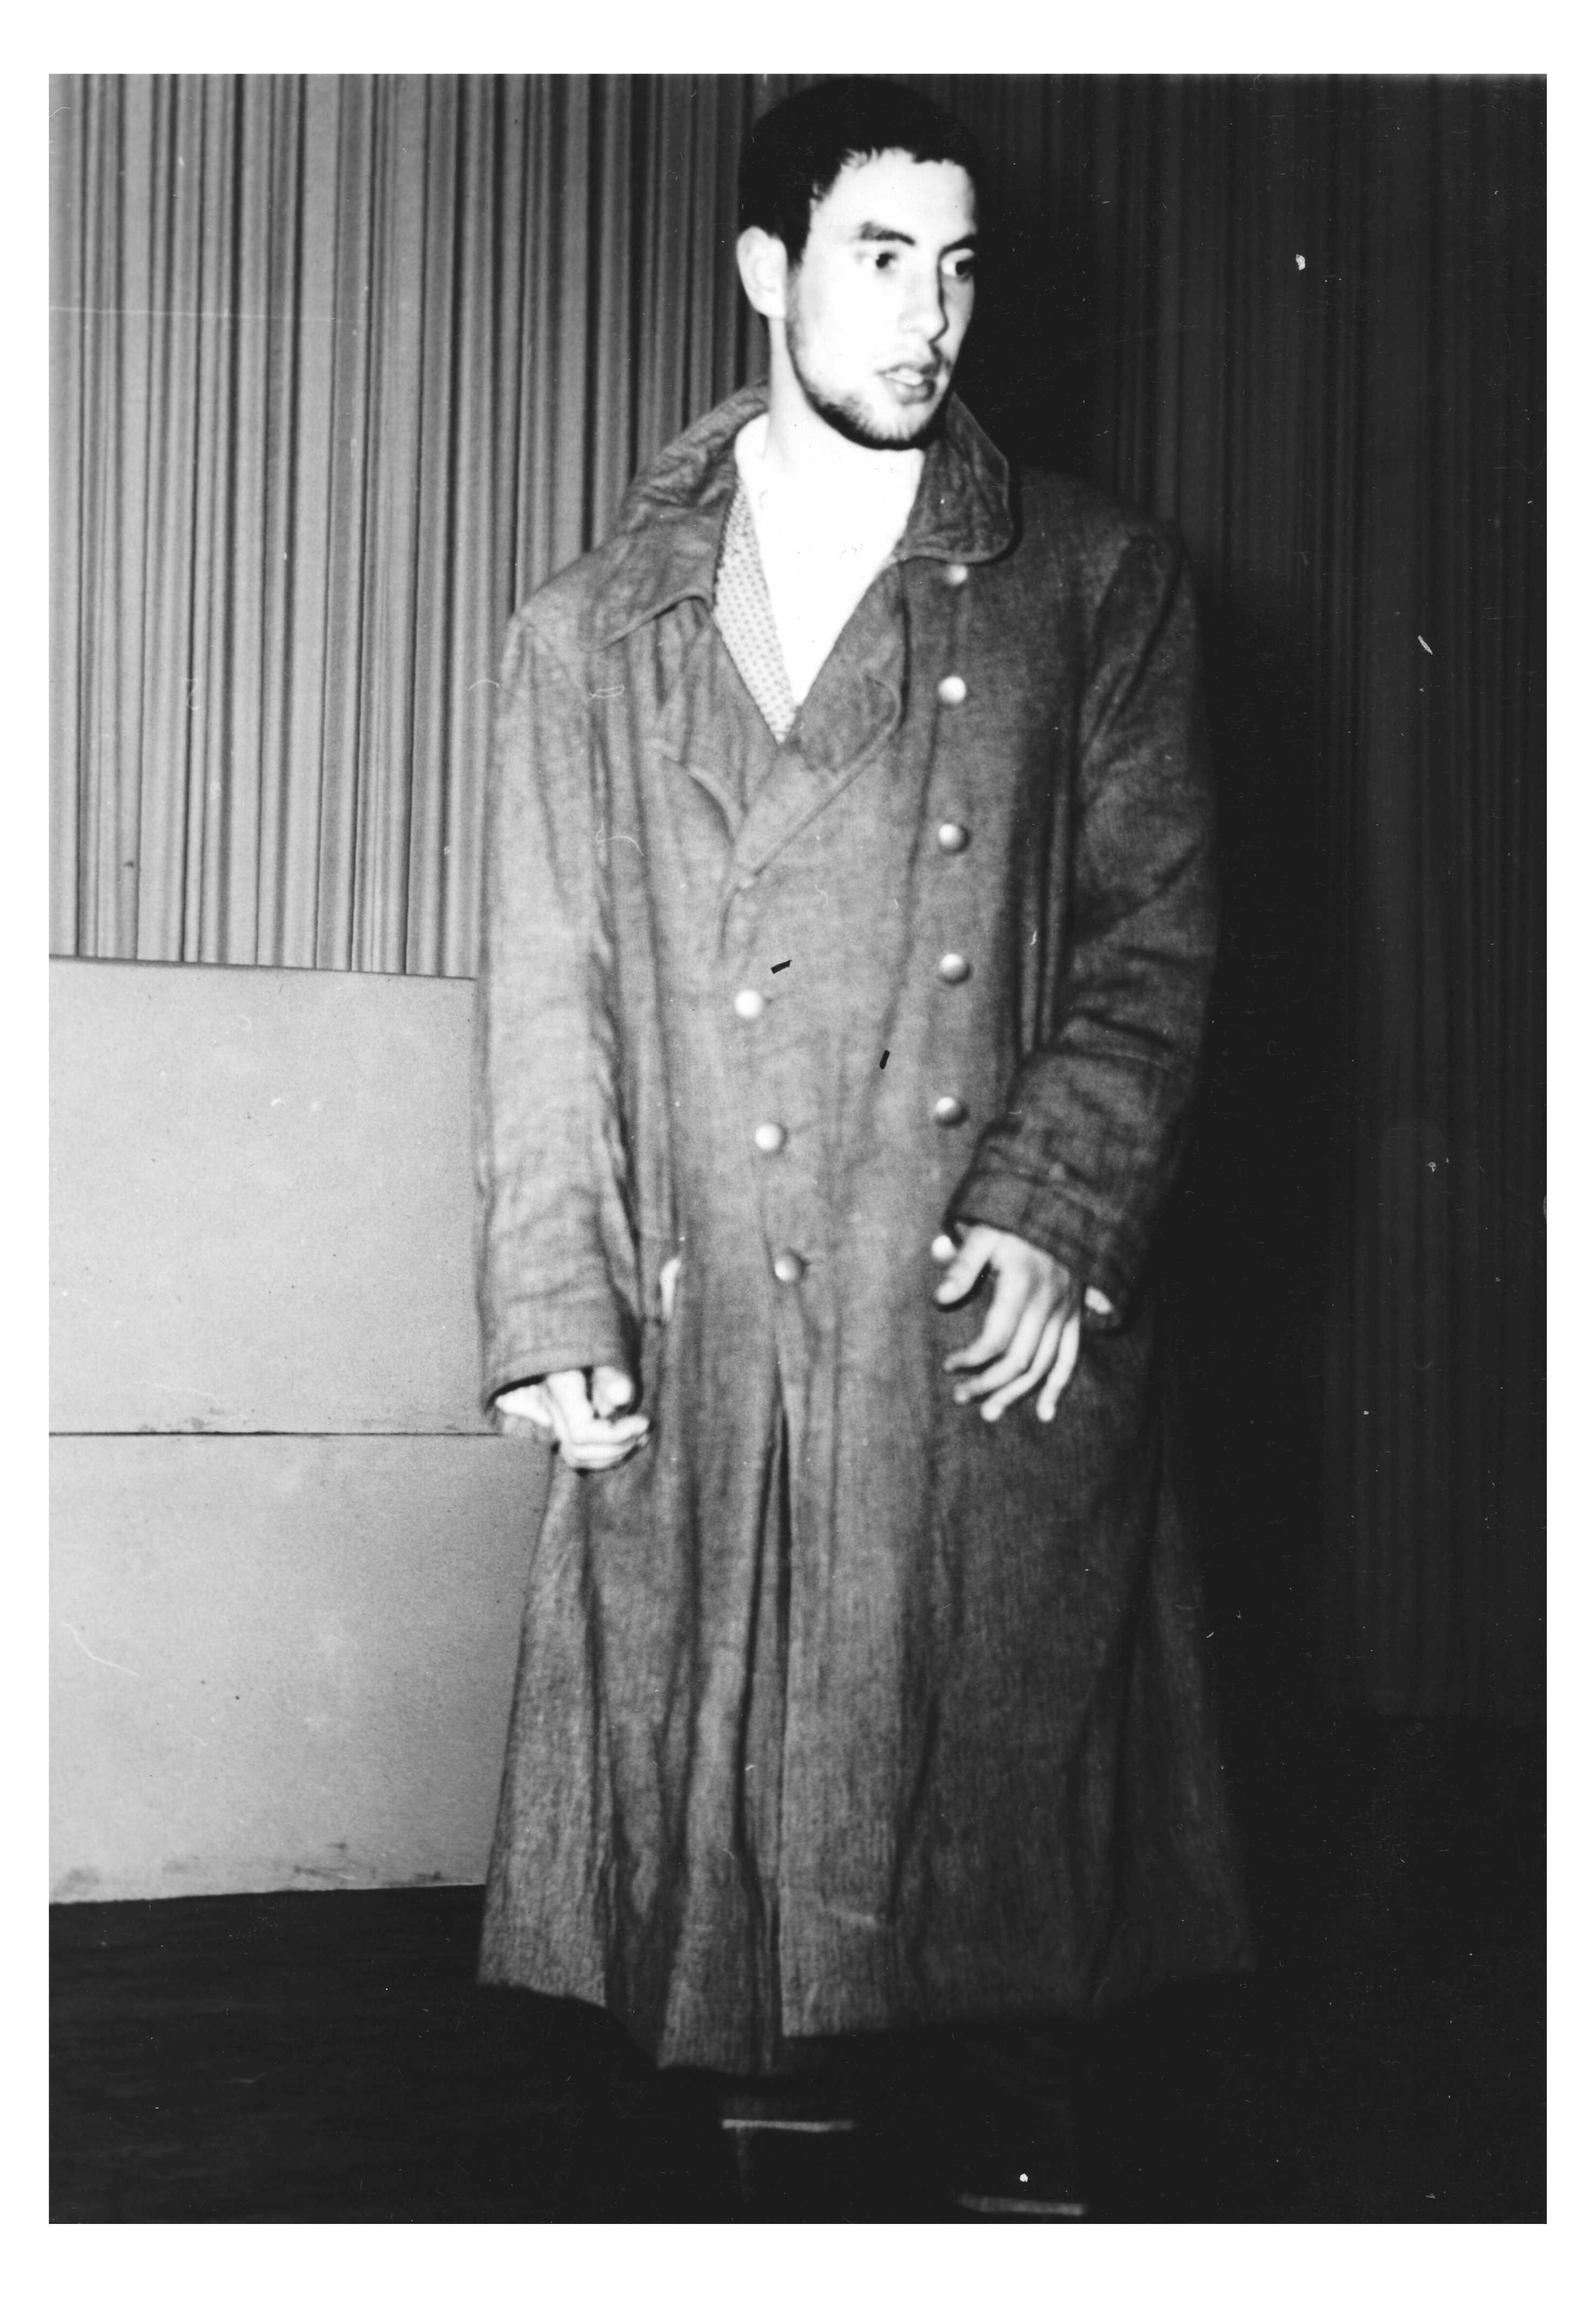 Rolf Dieter Brinkmann spielt in der Schulaufführung von Borcherts Drama die Hauptrolle des Beckmann. Metropol-Theater Vechta (21.10.1957). Foto: Josef Brinkmann